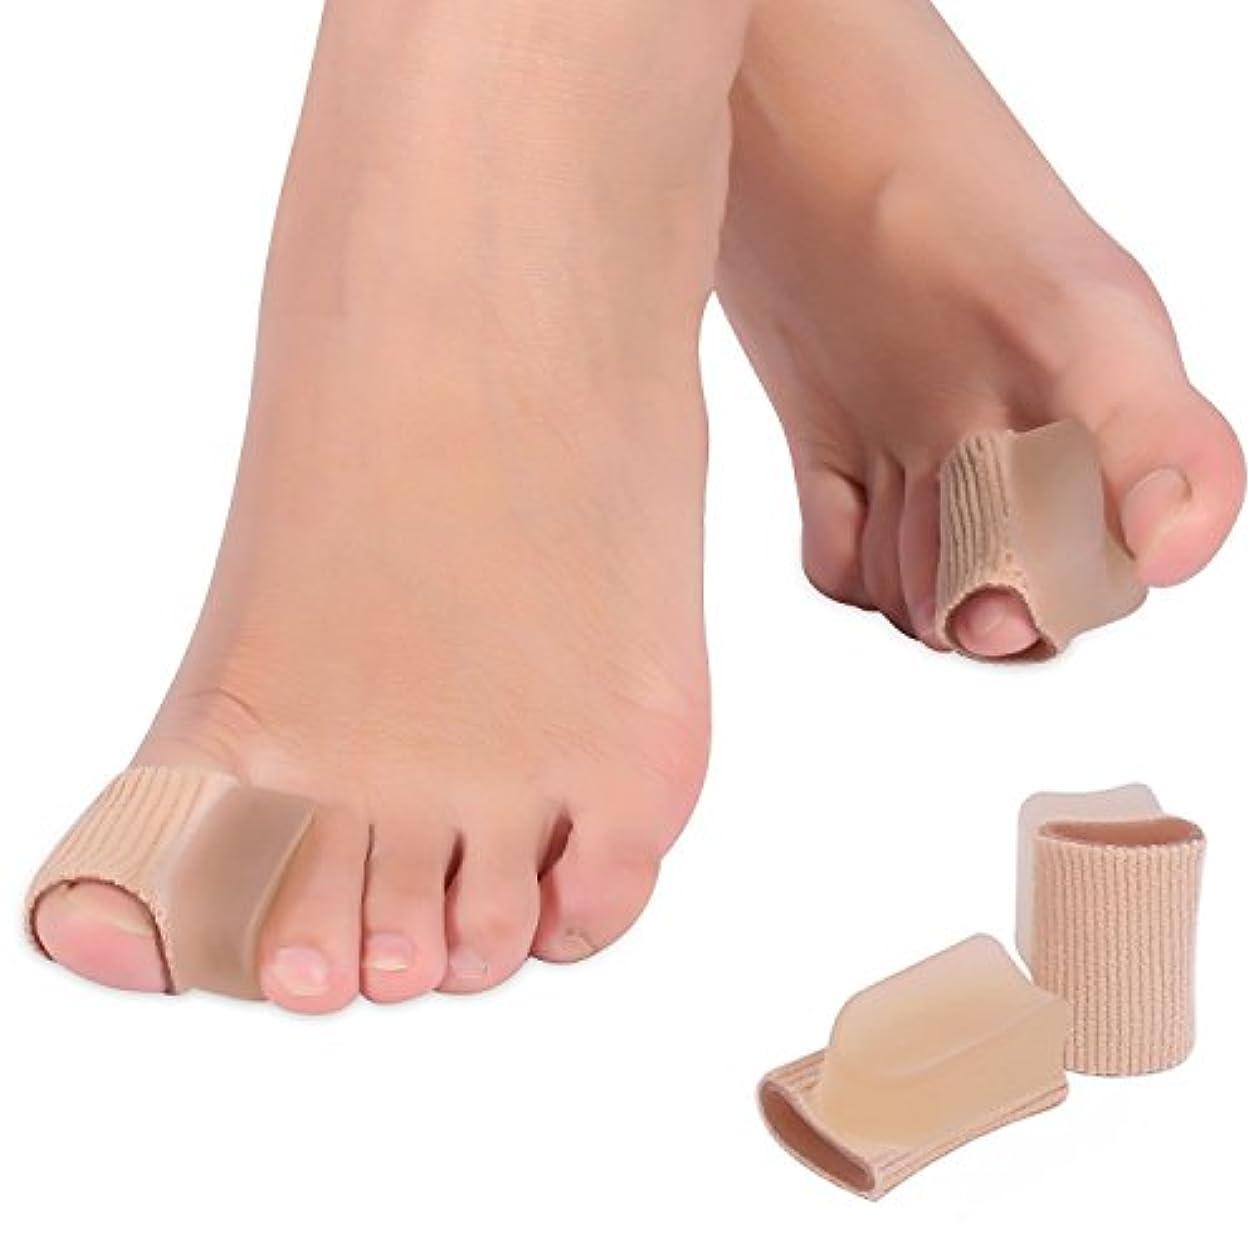 失速勉強する法律により親指ジェルパッド 足指分離パッド 足指スペーサー 足指矯正 ソフトなジェル製 伸縮 柔軟 足指保護 親指ケア 肌色「4個セット」